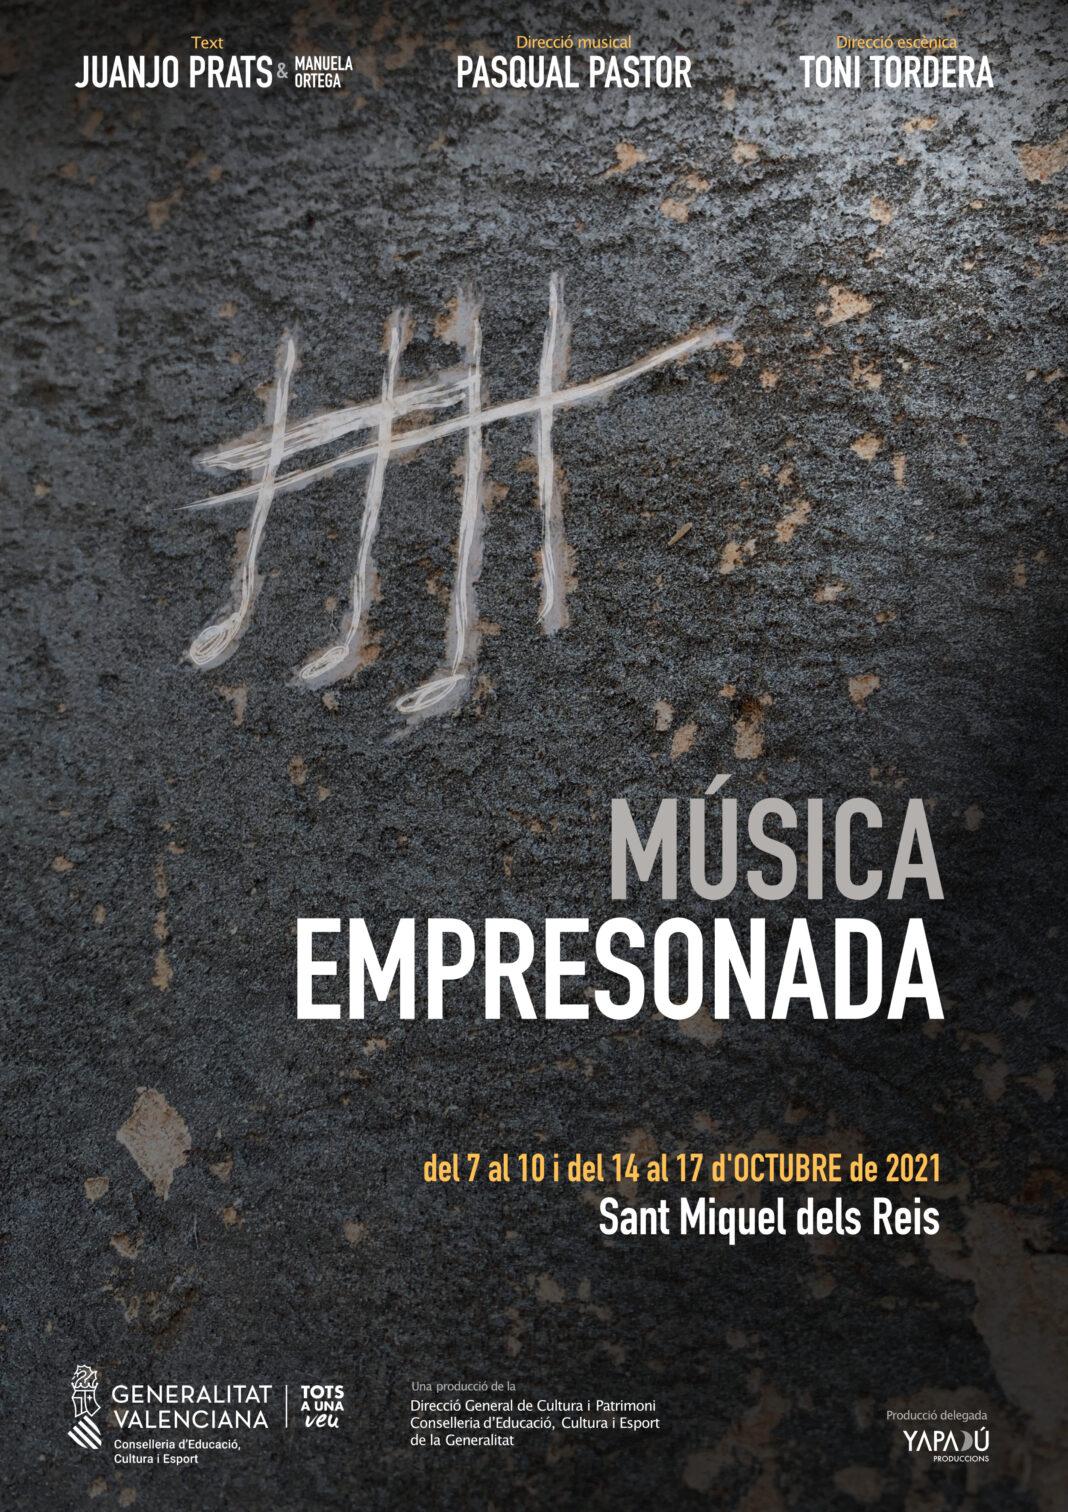 'Música empresonada' inicia la segona setmana de funció amb entrades disponibles per al 14 d'octubre